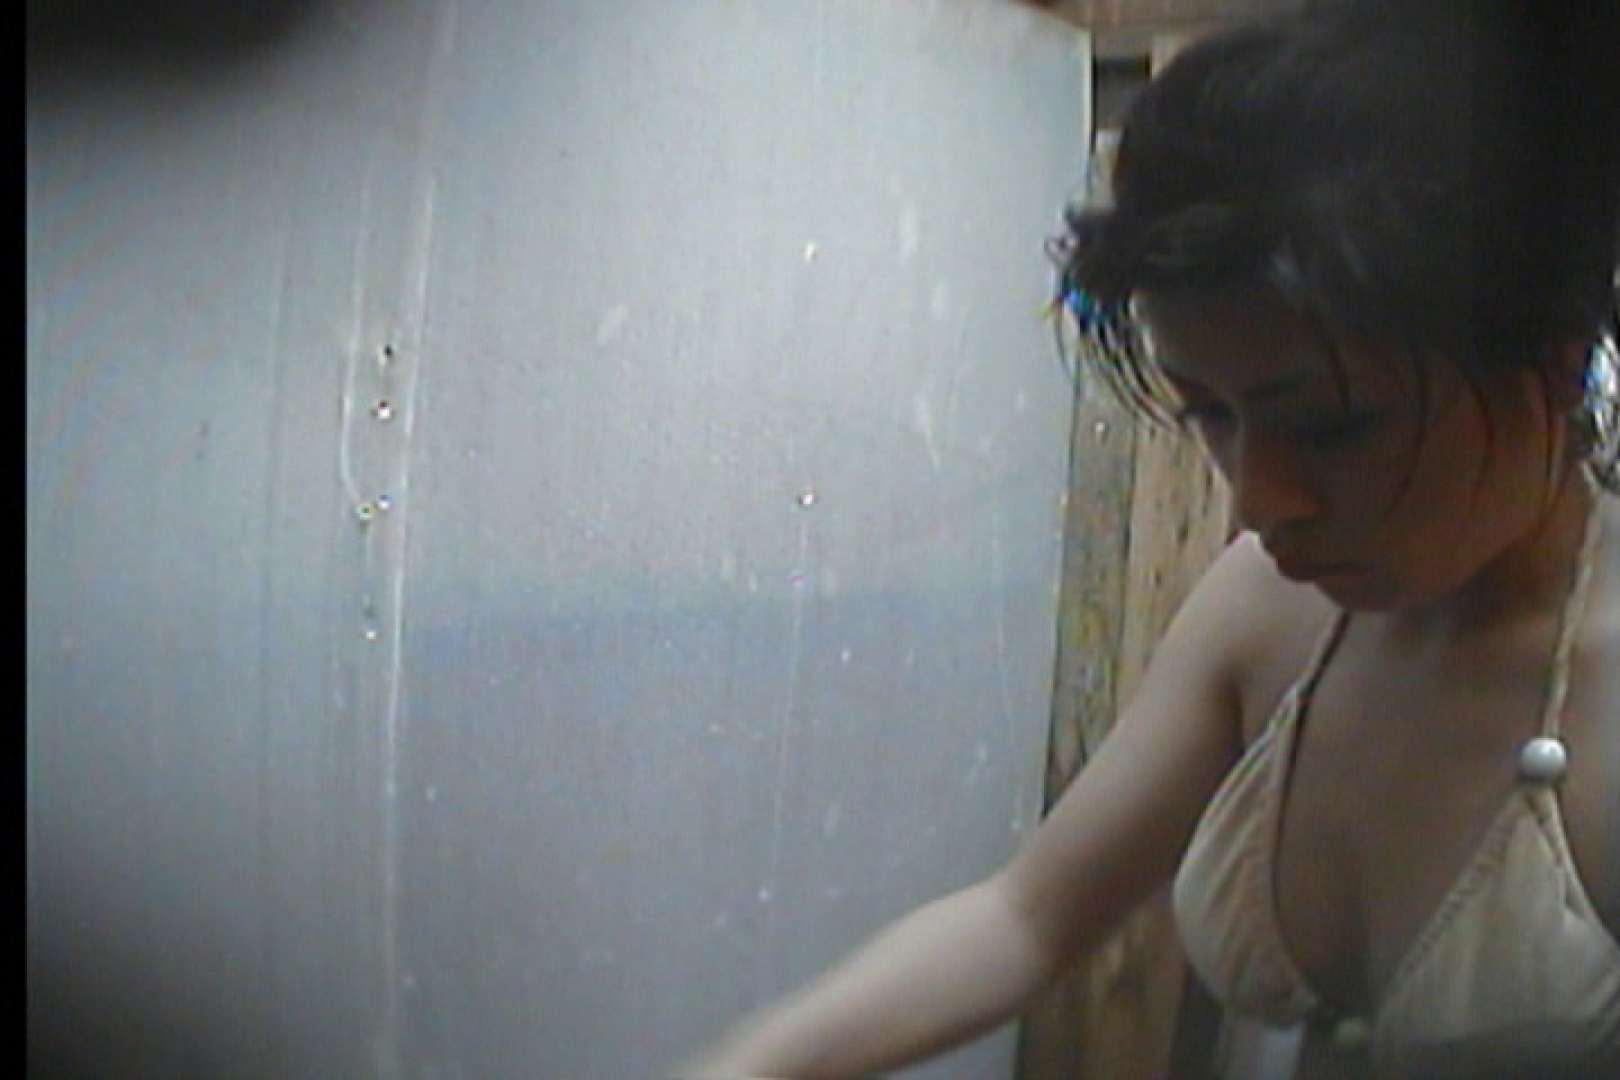 海の家の更衣室 Vol.19 美女 盗撮えろ無修正画像 35pic 32